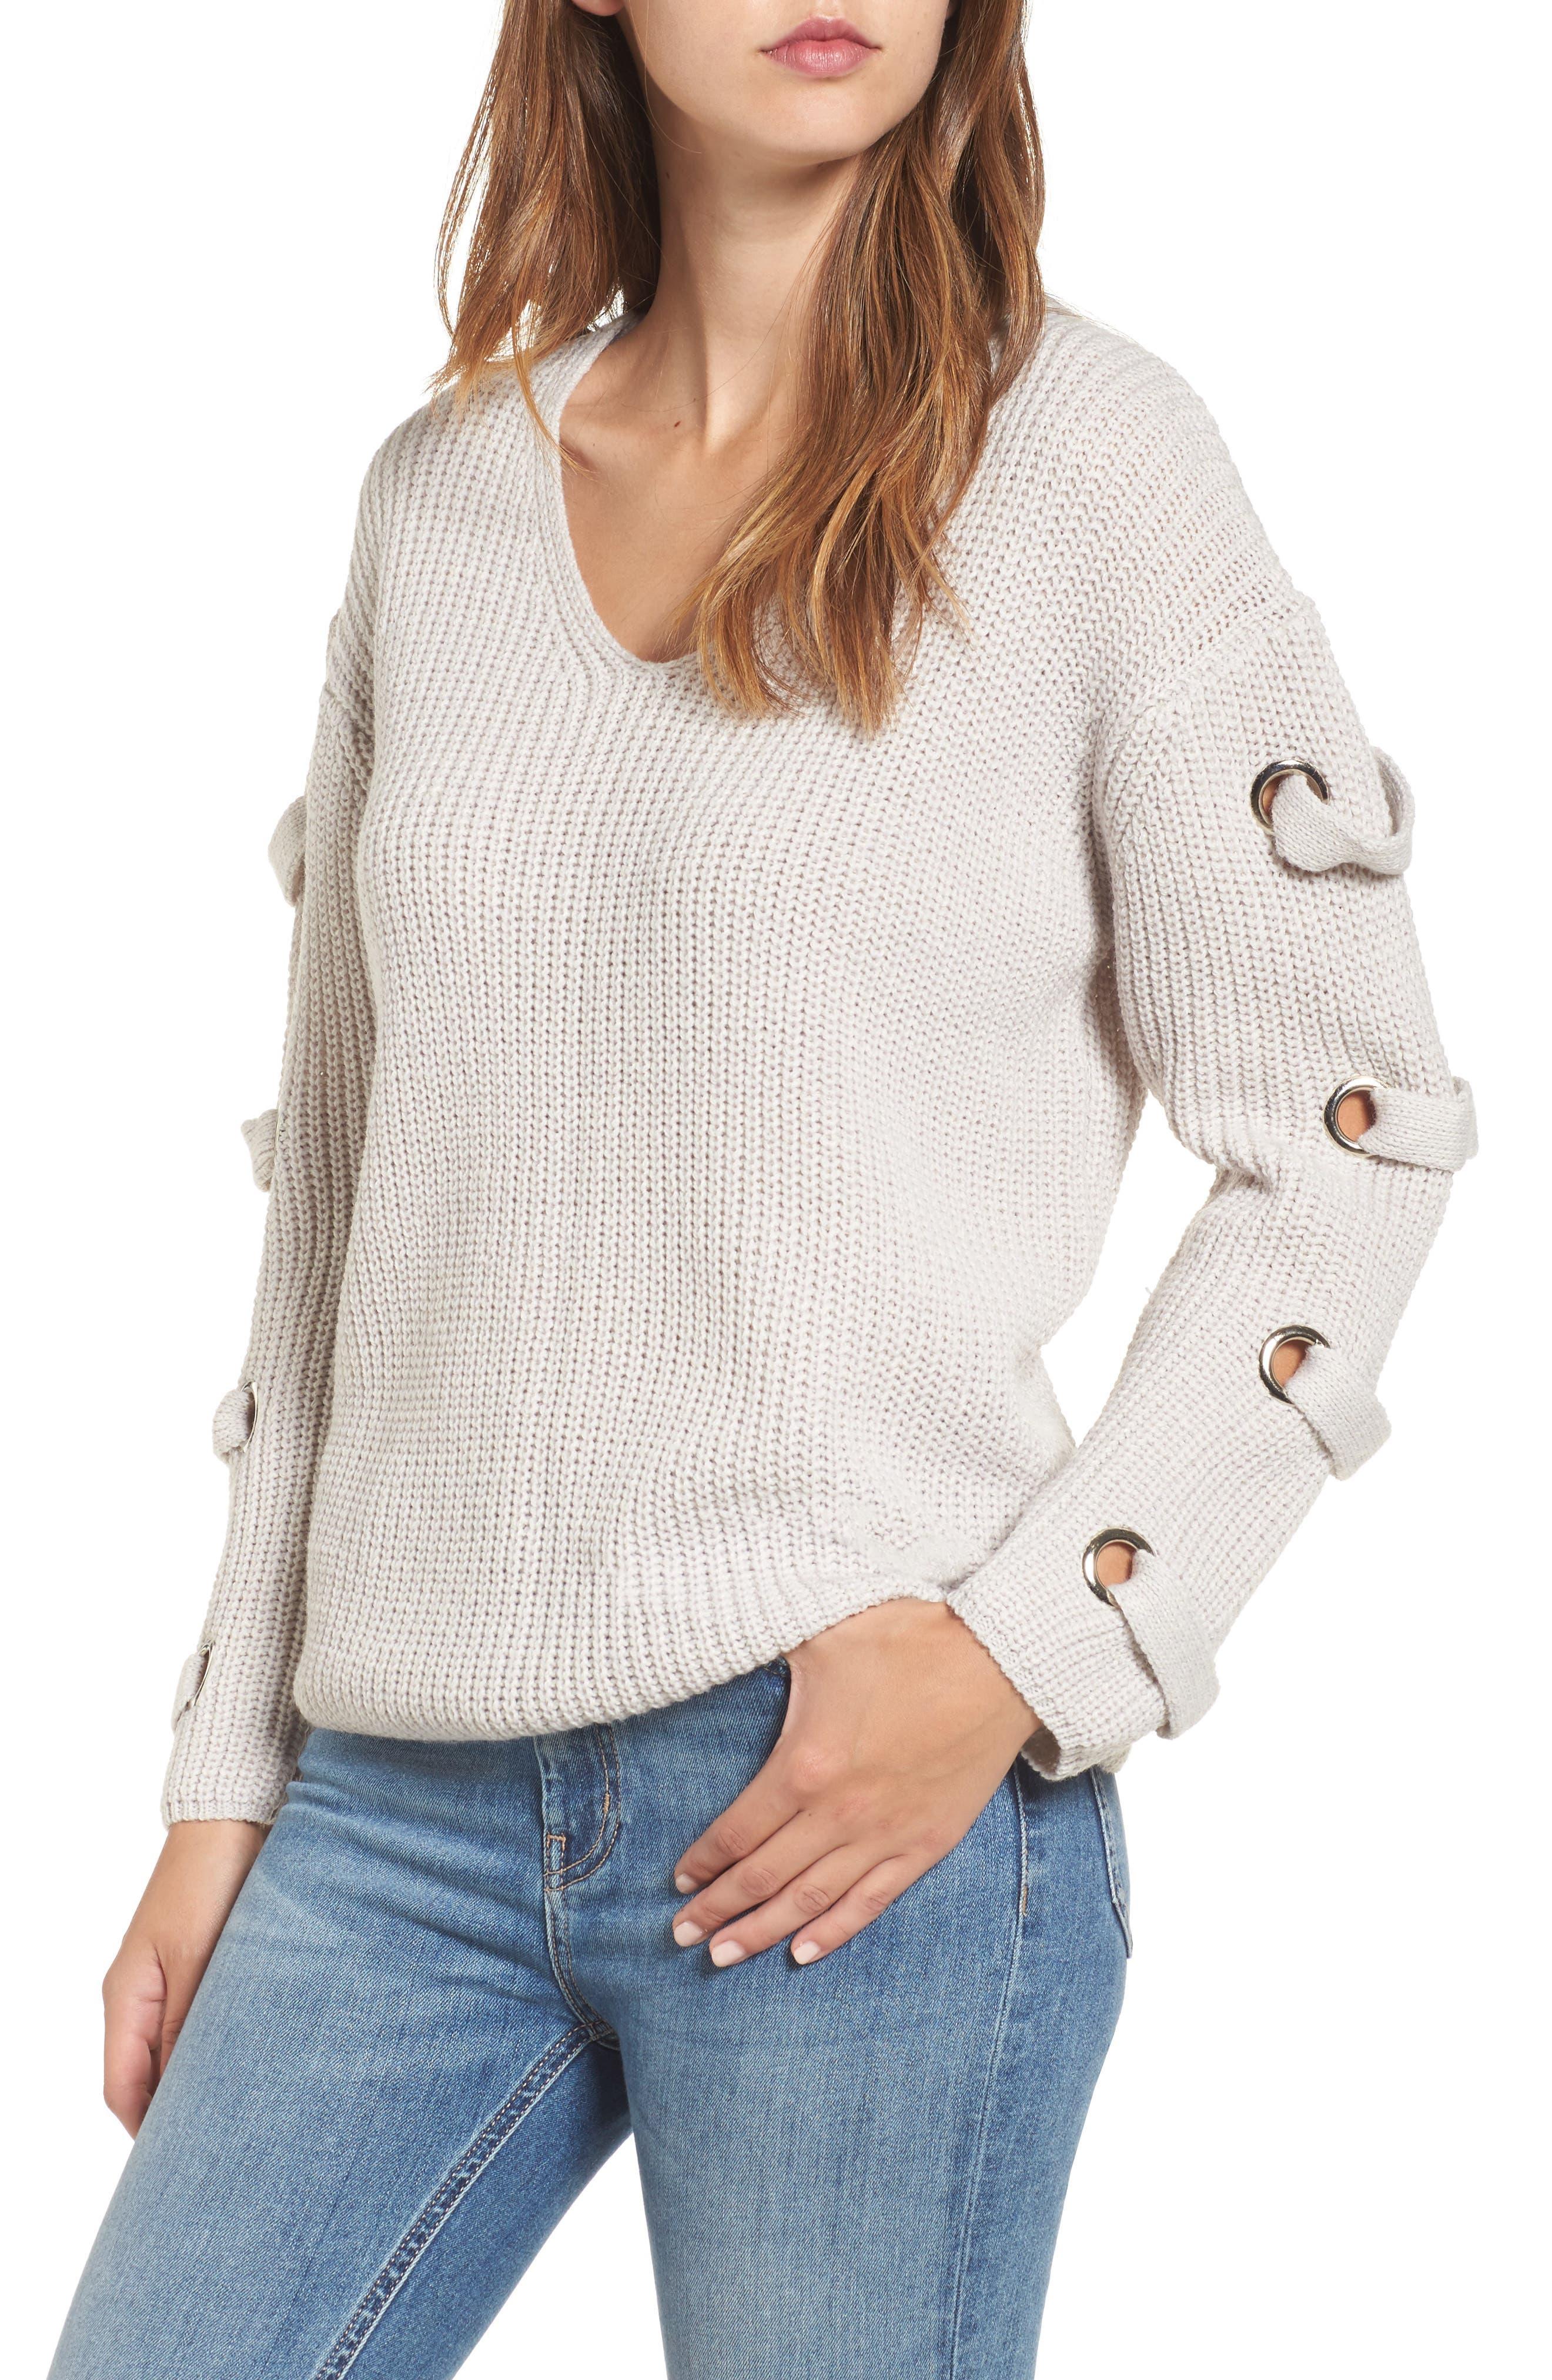 Dreamers by Debut Grommet Sleeve Sweater